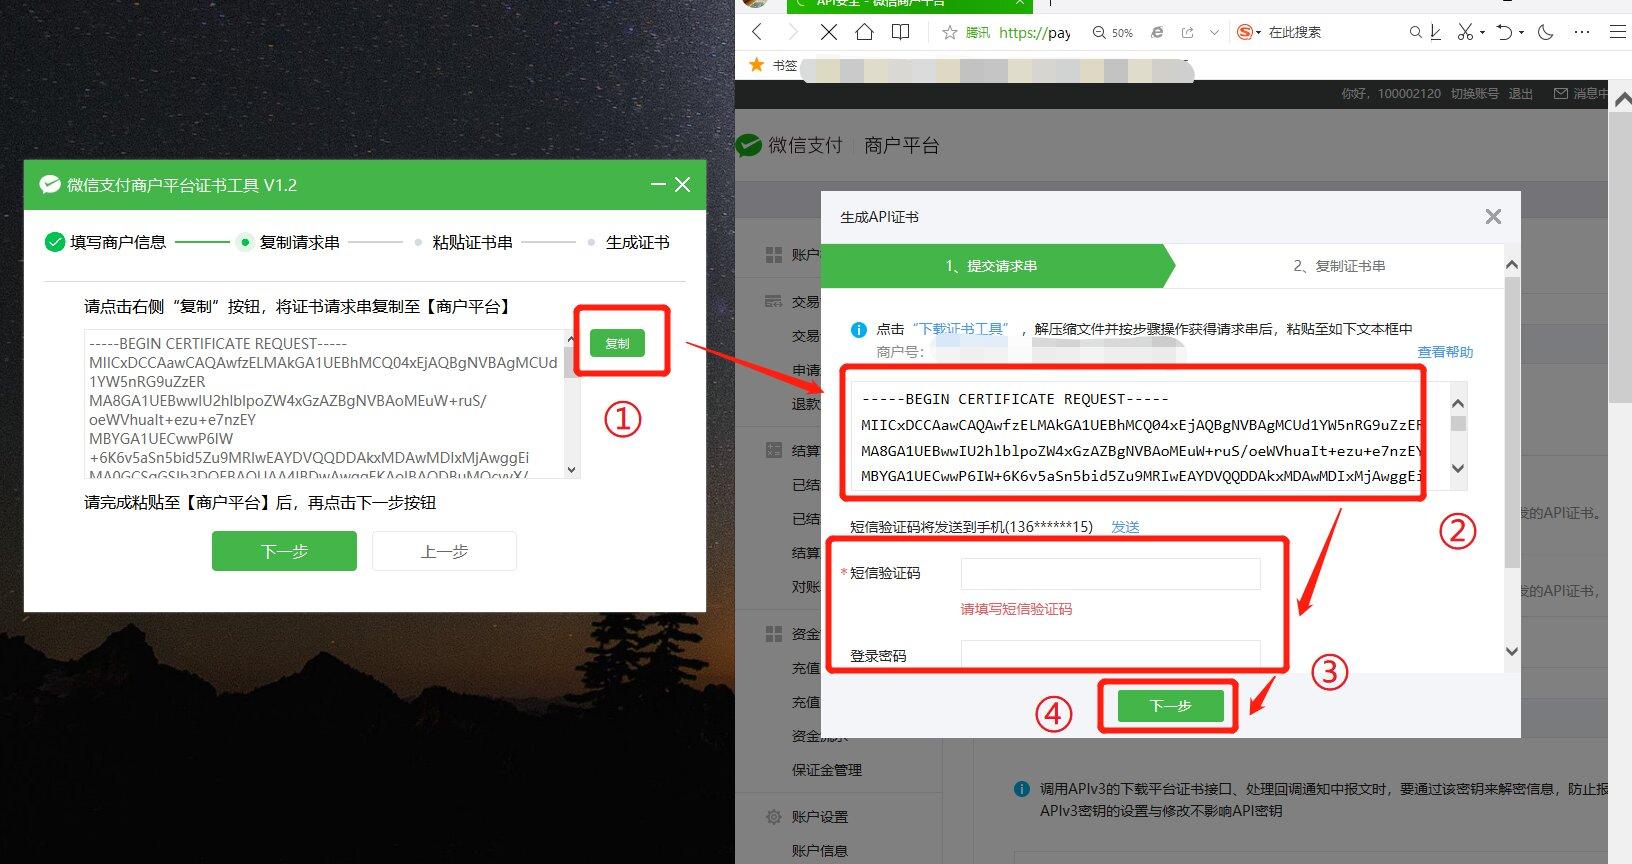 如何获取微信支付商户号、商户名称、API证书、API密钥